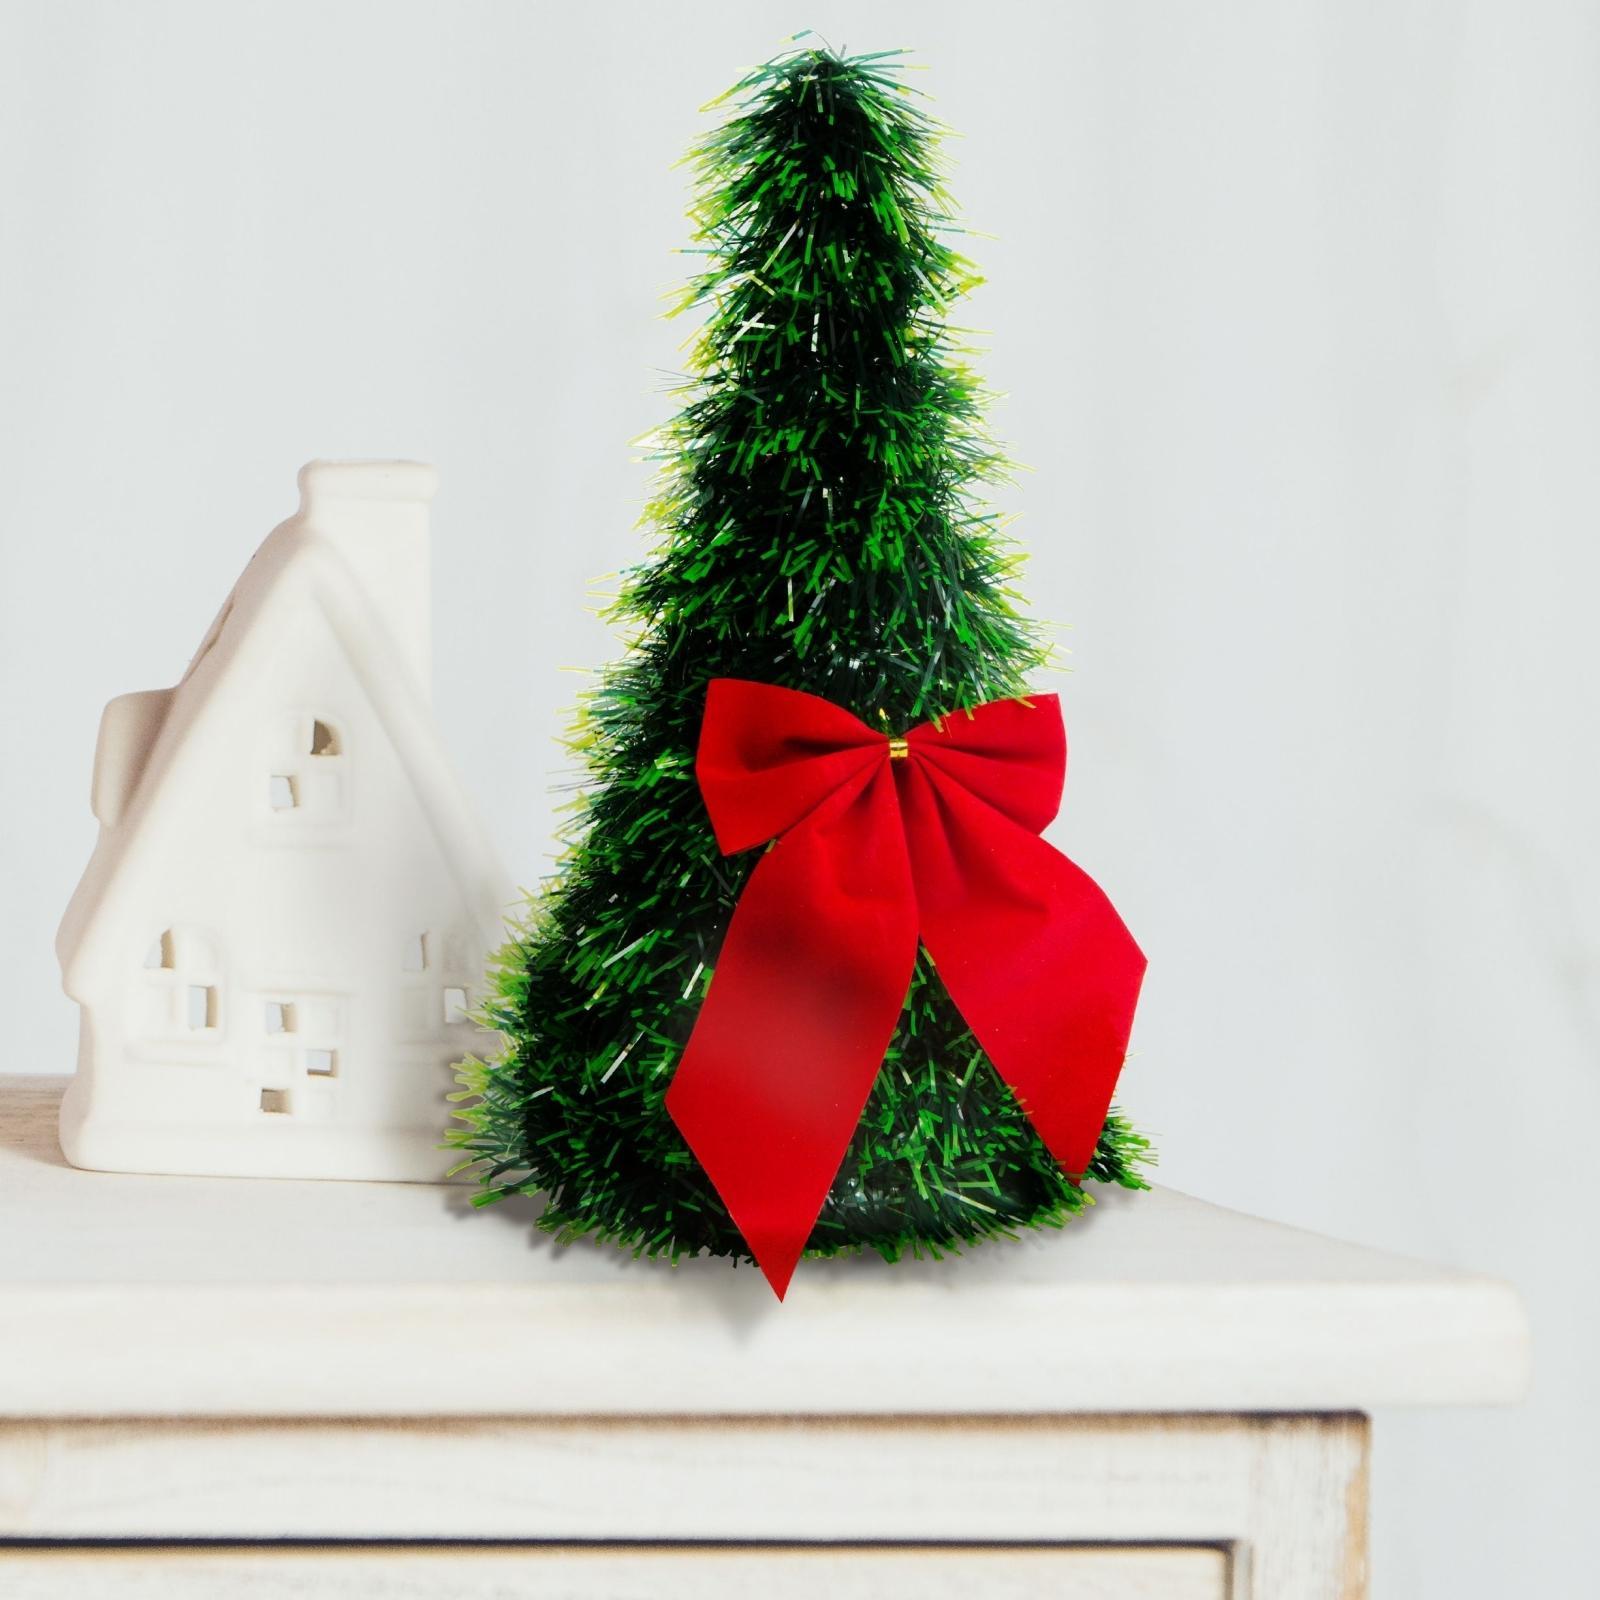 Umelý vianočný strom na stôl - zelený - 2 červené mašle - 26 cm